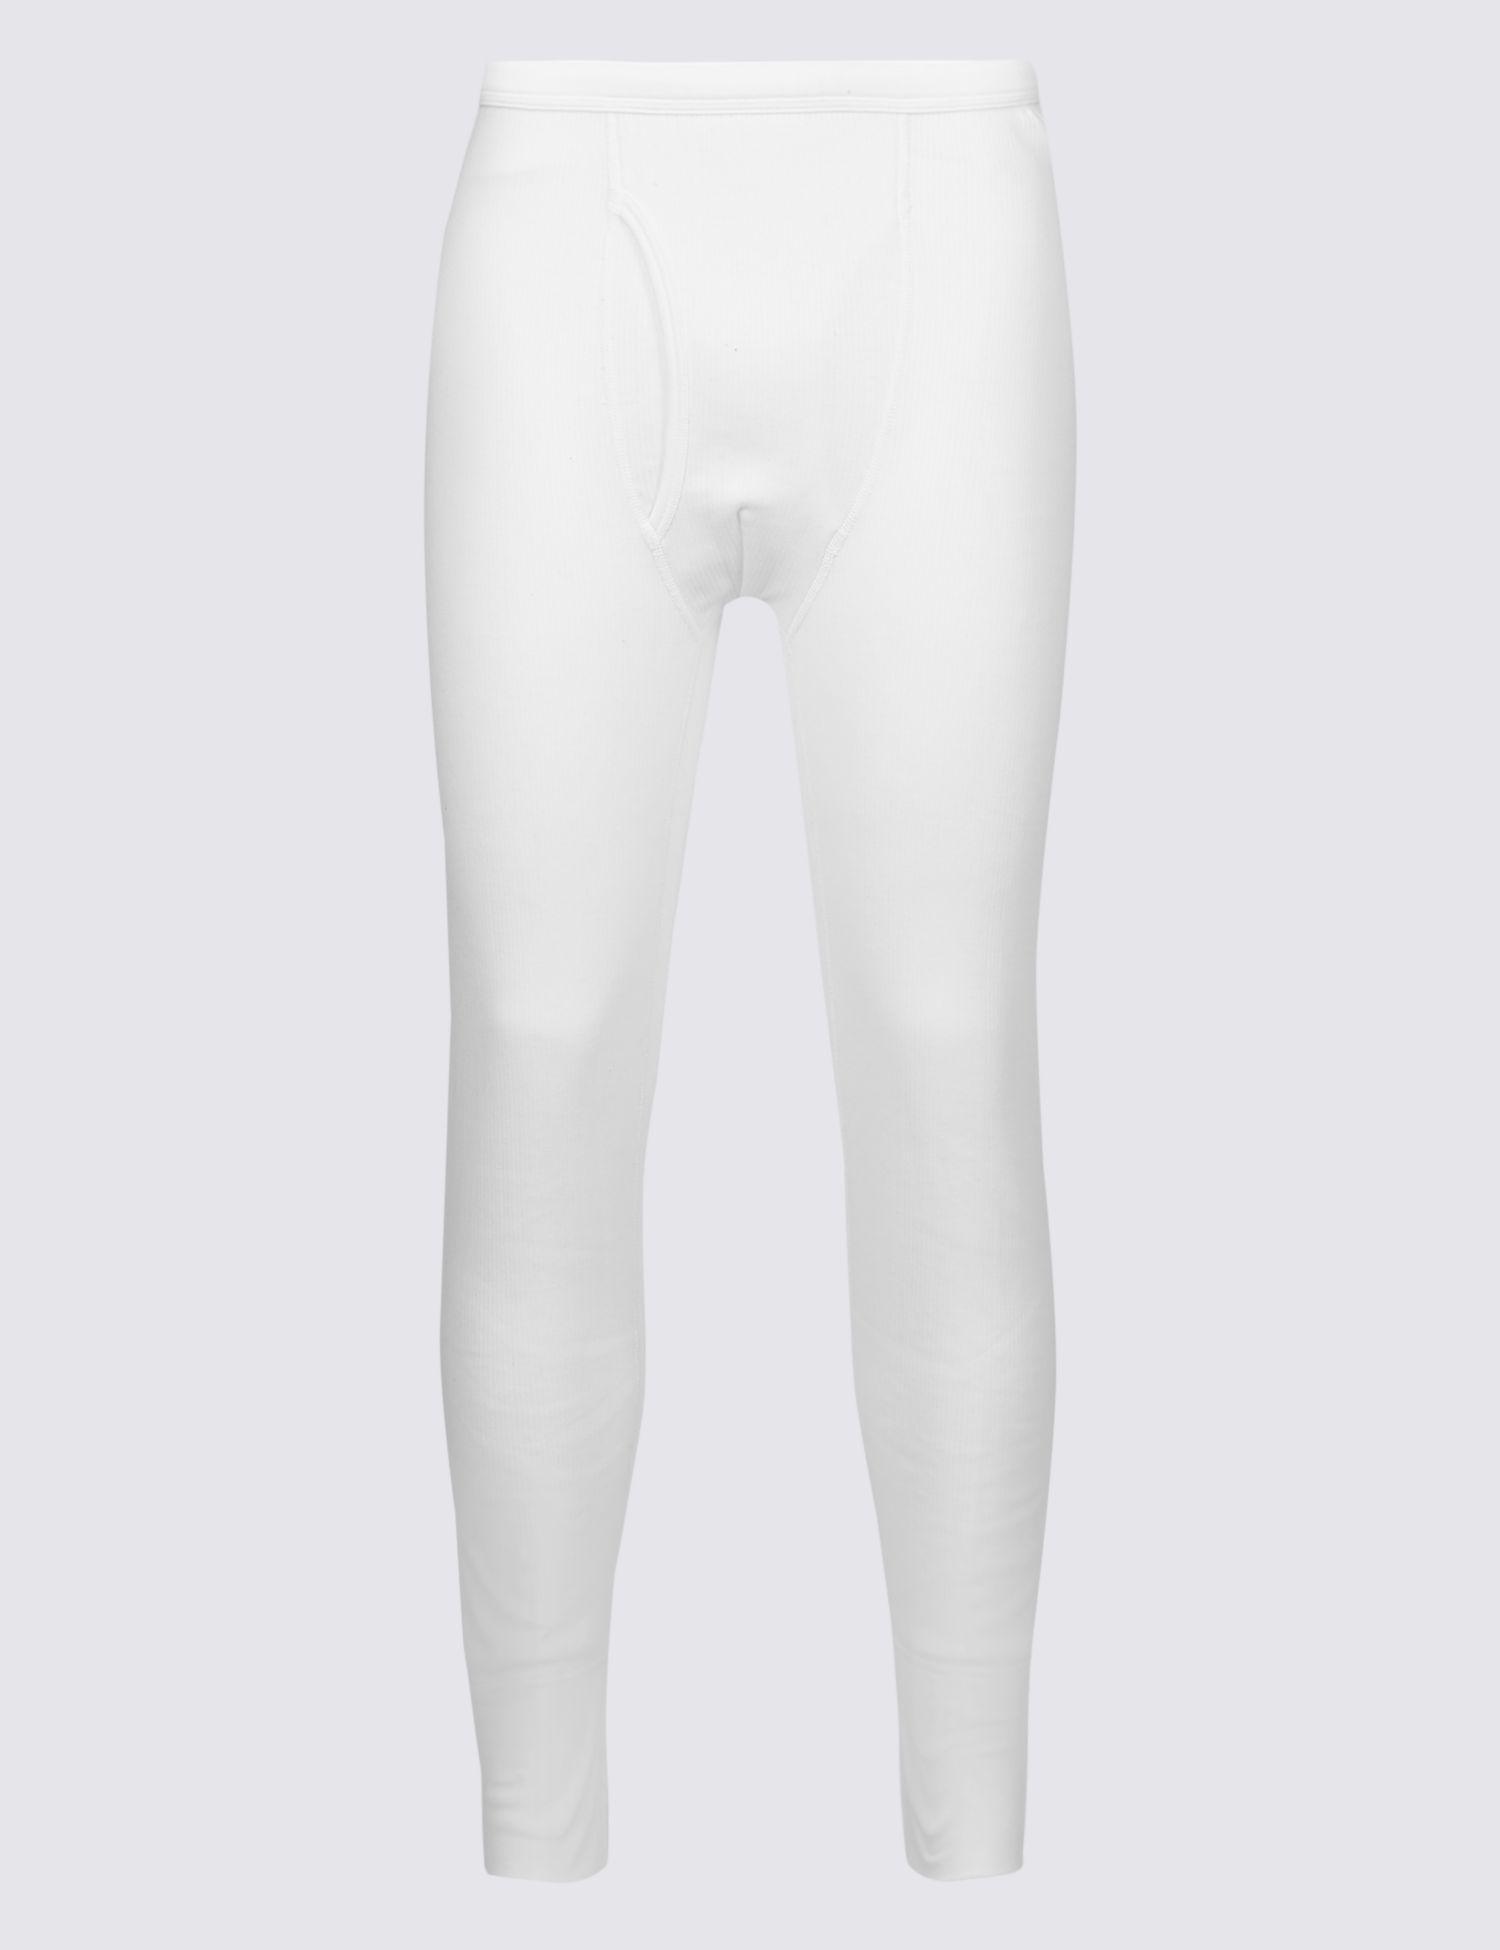 9efcb37da Marks & Spencer Thermal Cotton Blend Long Johns in White for Men - Lyst